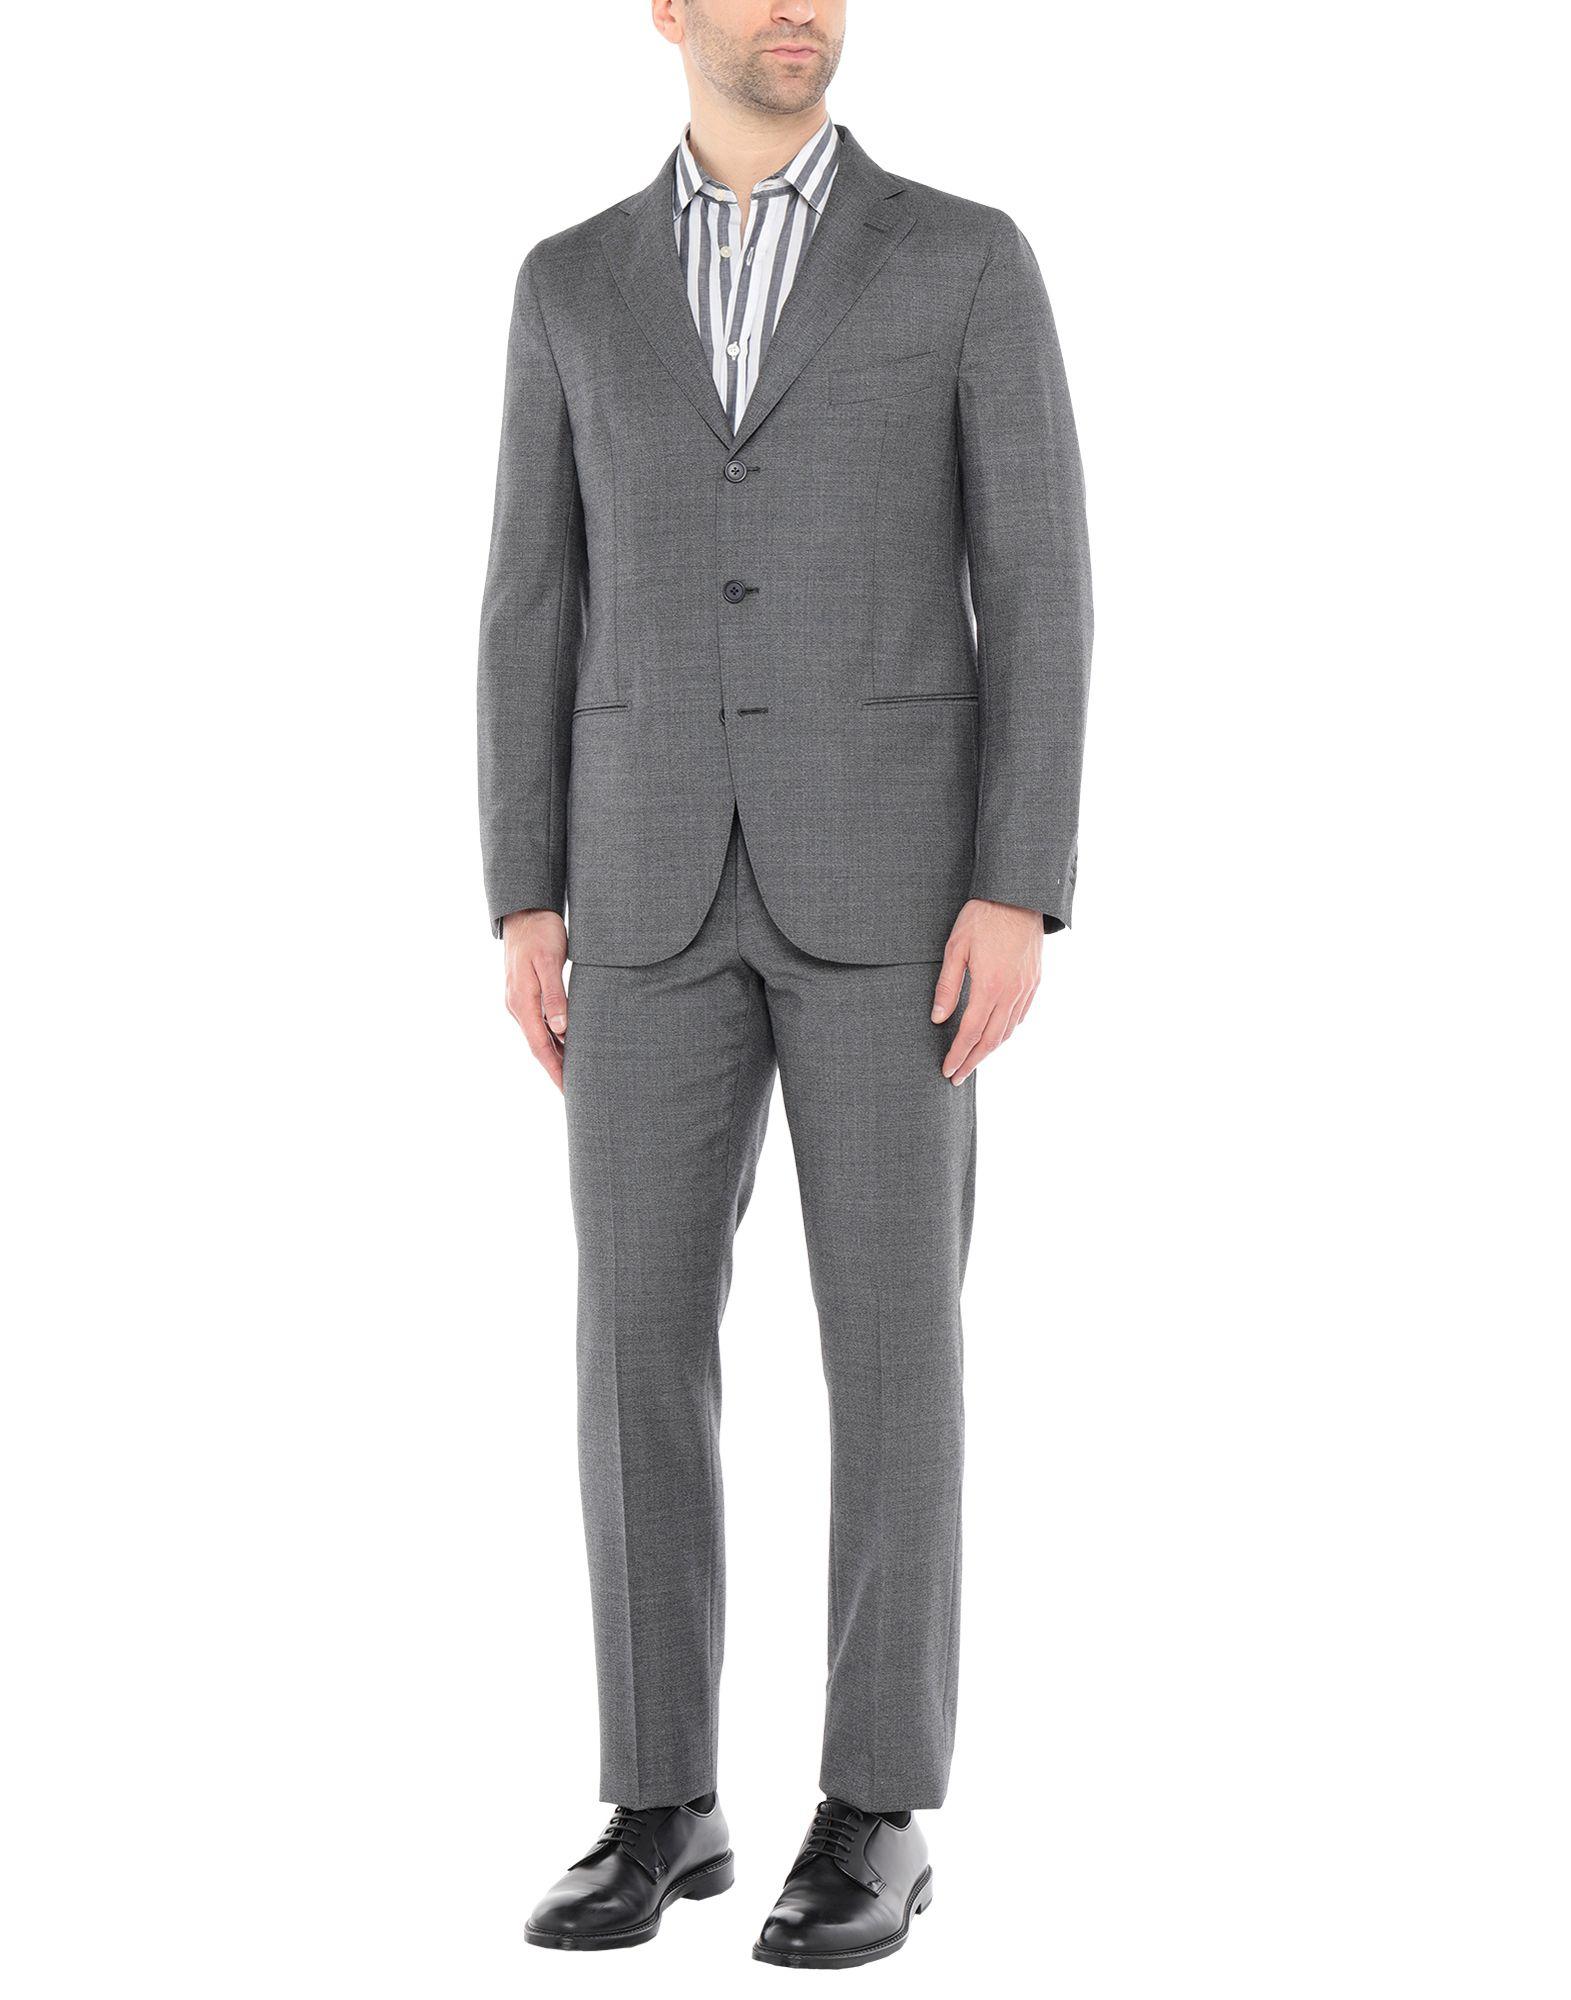 《送料無料》BAGNOLI Sartoria Napoli メンズ スーツ 鉛色 46 ウール 100%